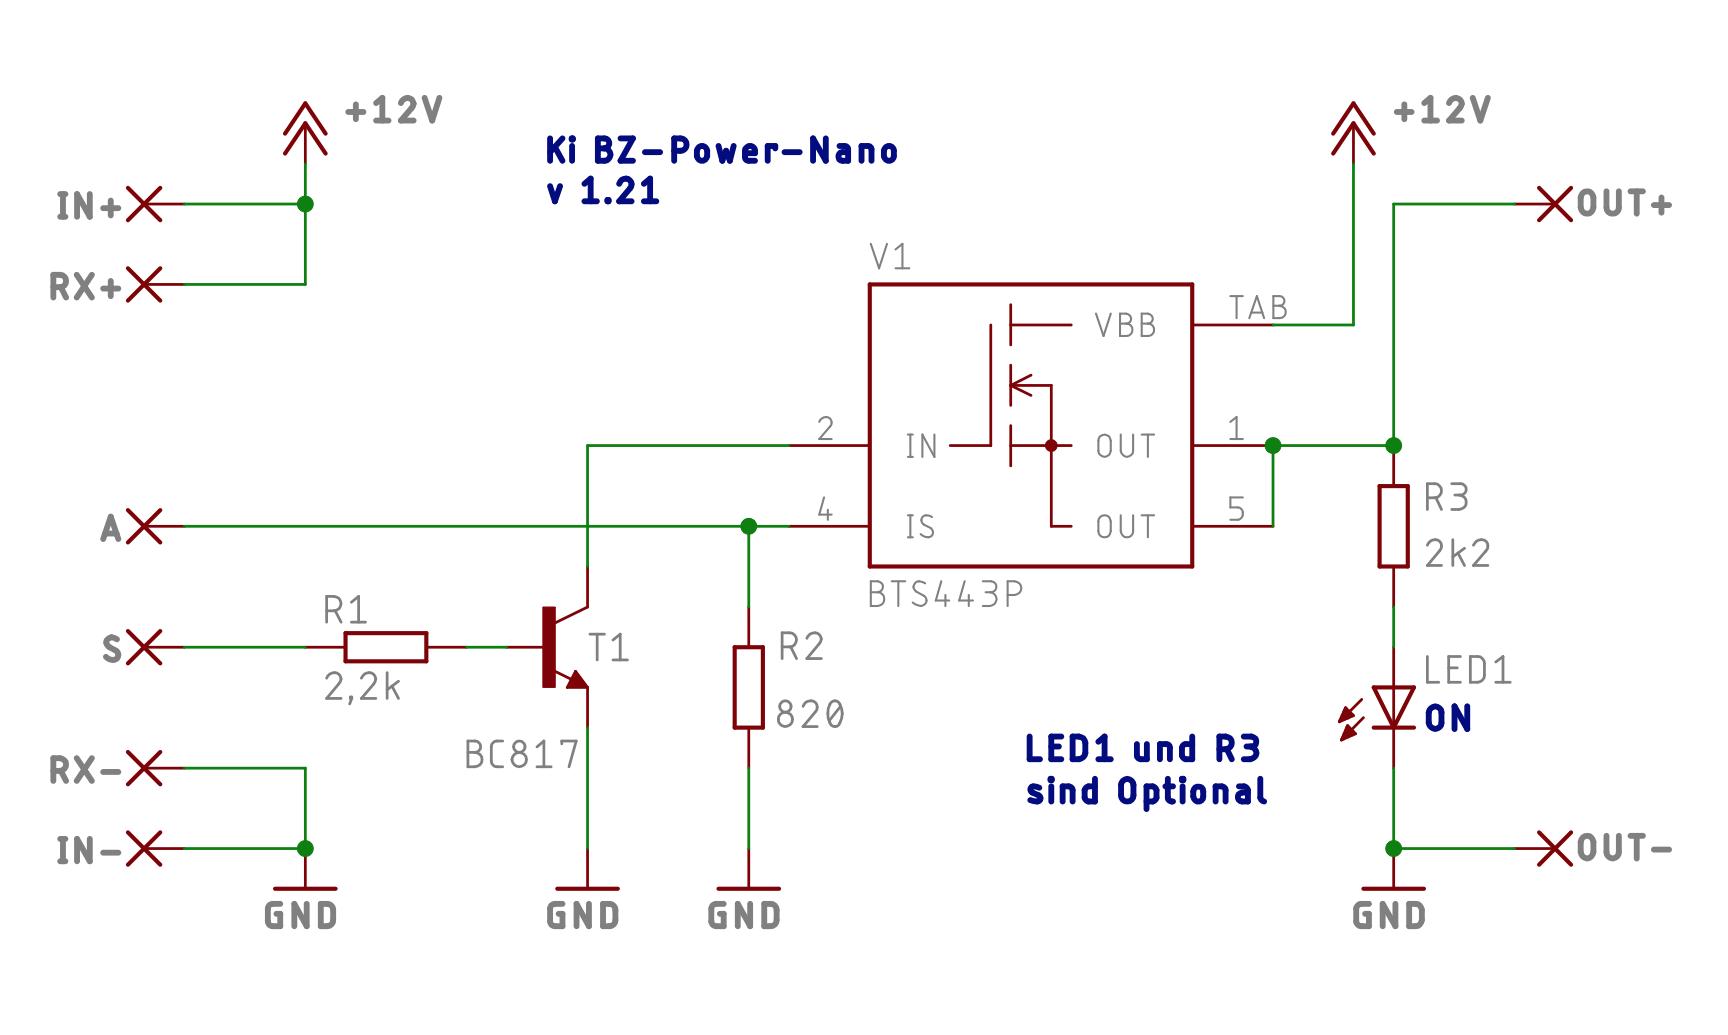 Ki-BZ-Power-Nano Schaltbild